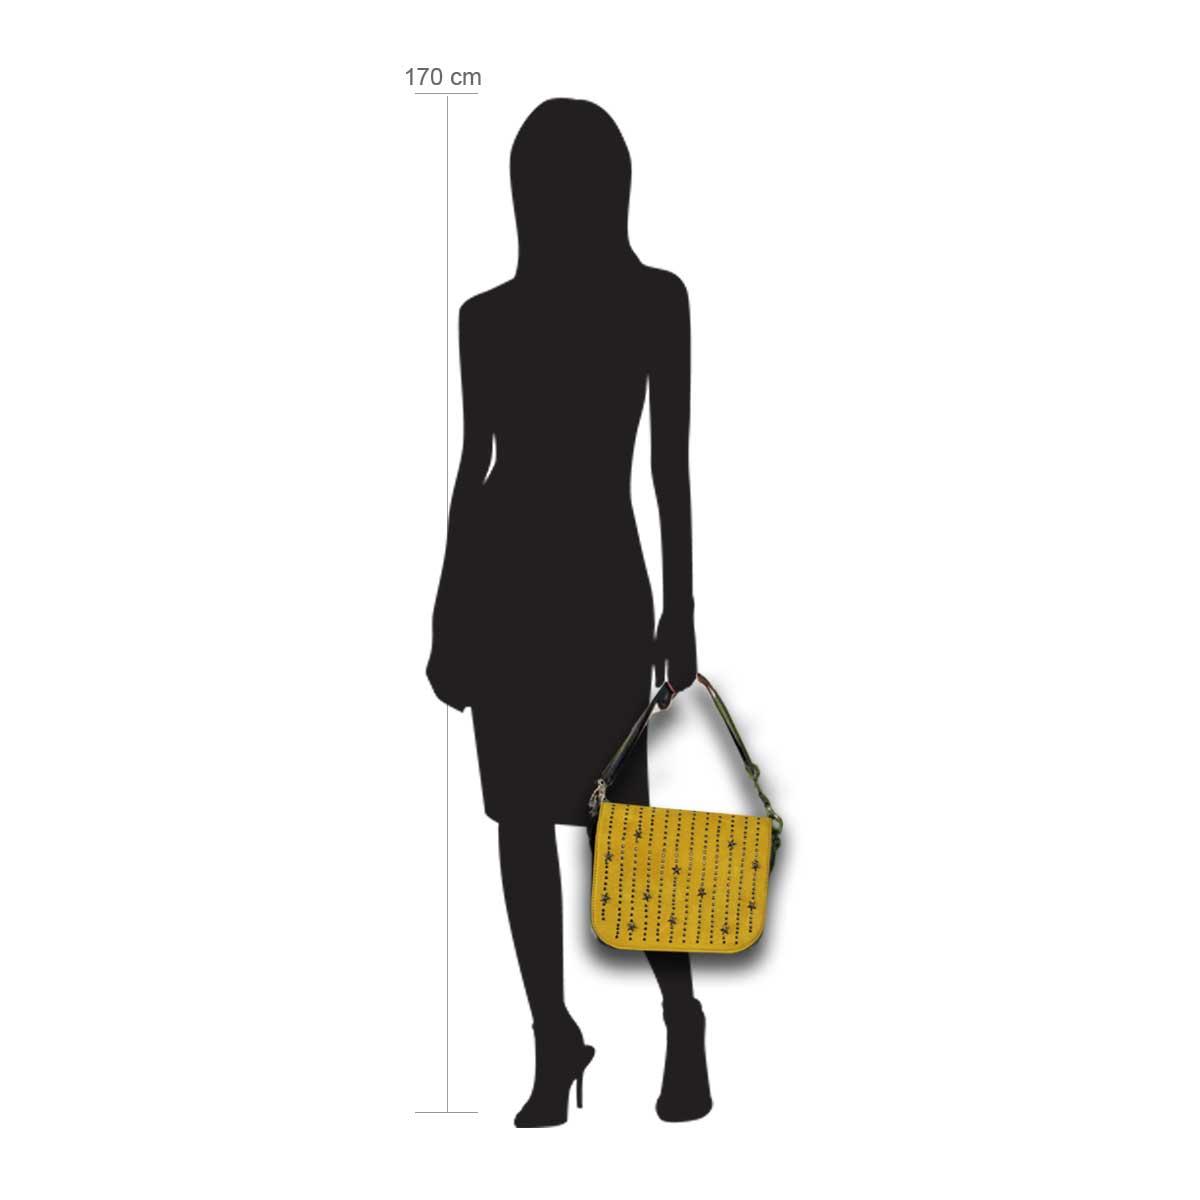 Modellpuppe 170 cm groß zeigt die Handtaschengröße an der Person Modell:Albaraccin